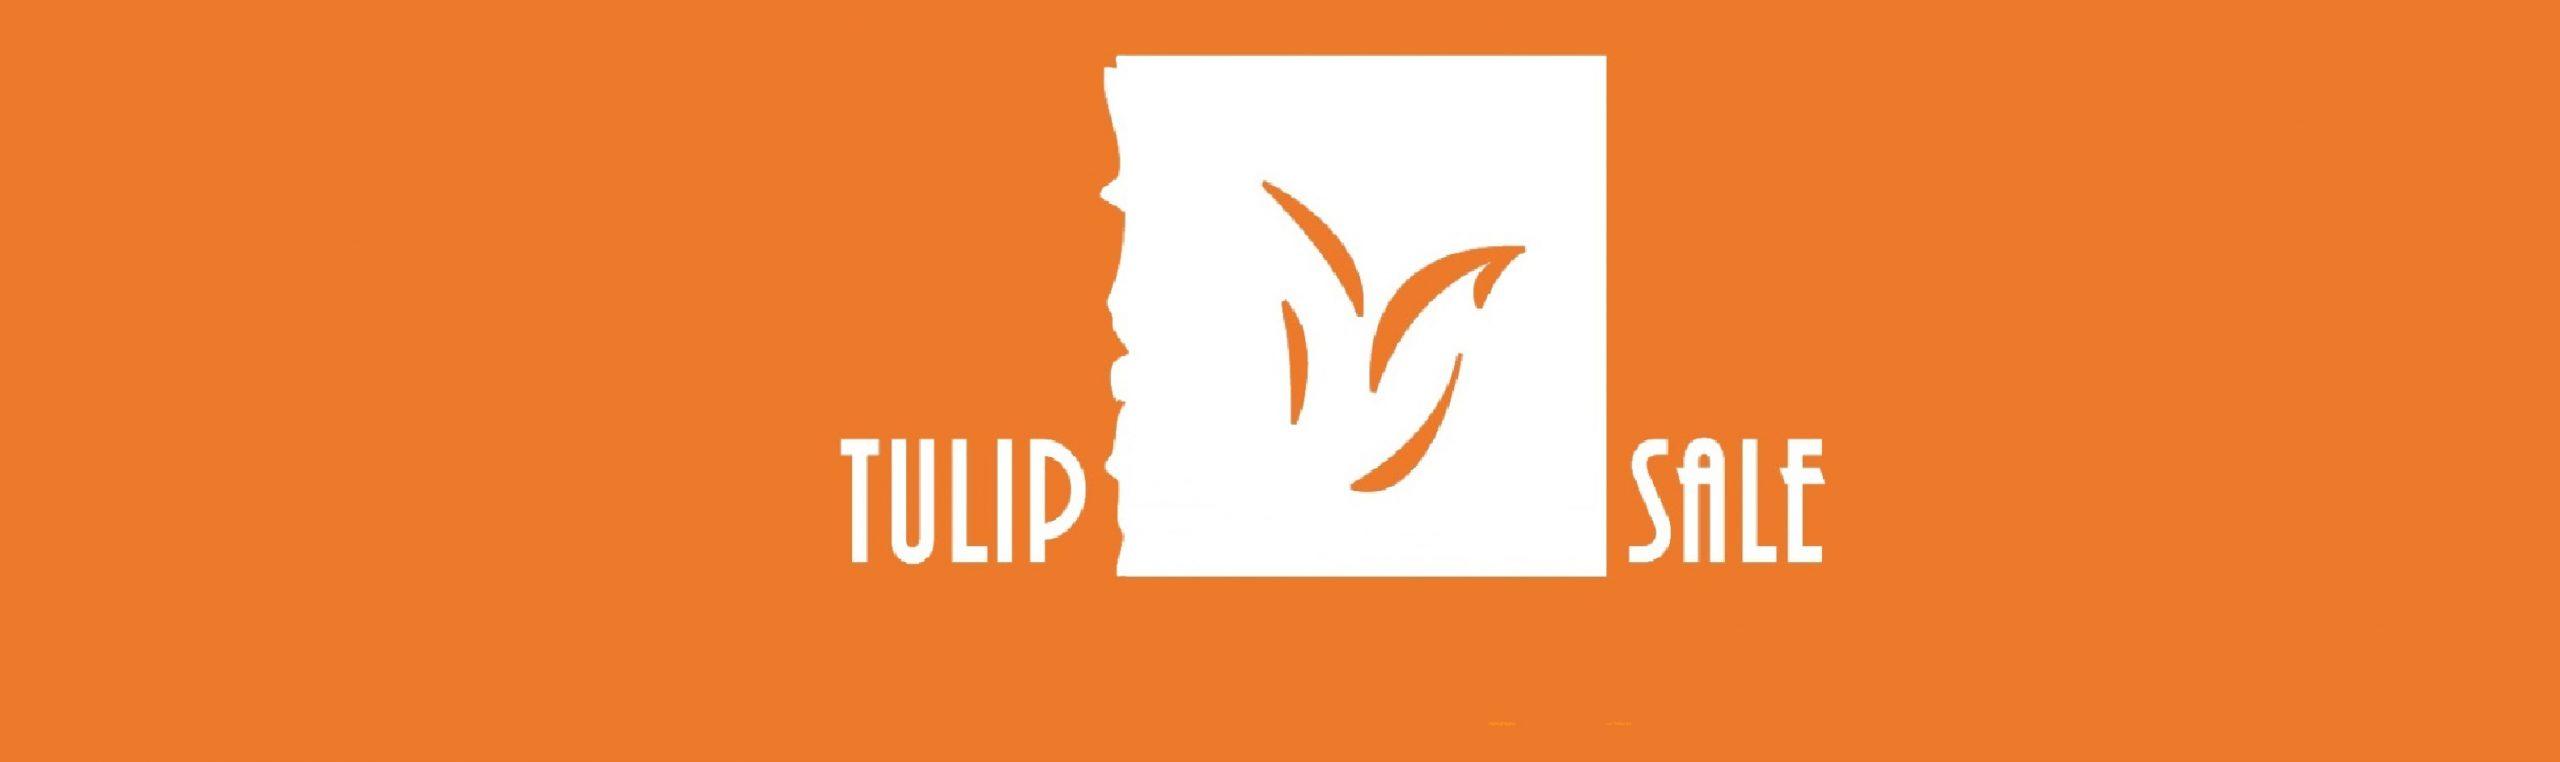 Tulip Sale live sale